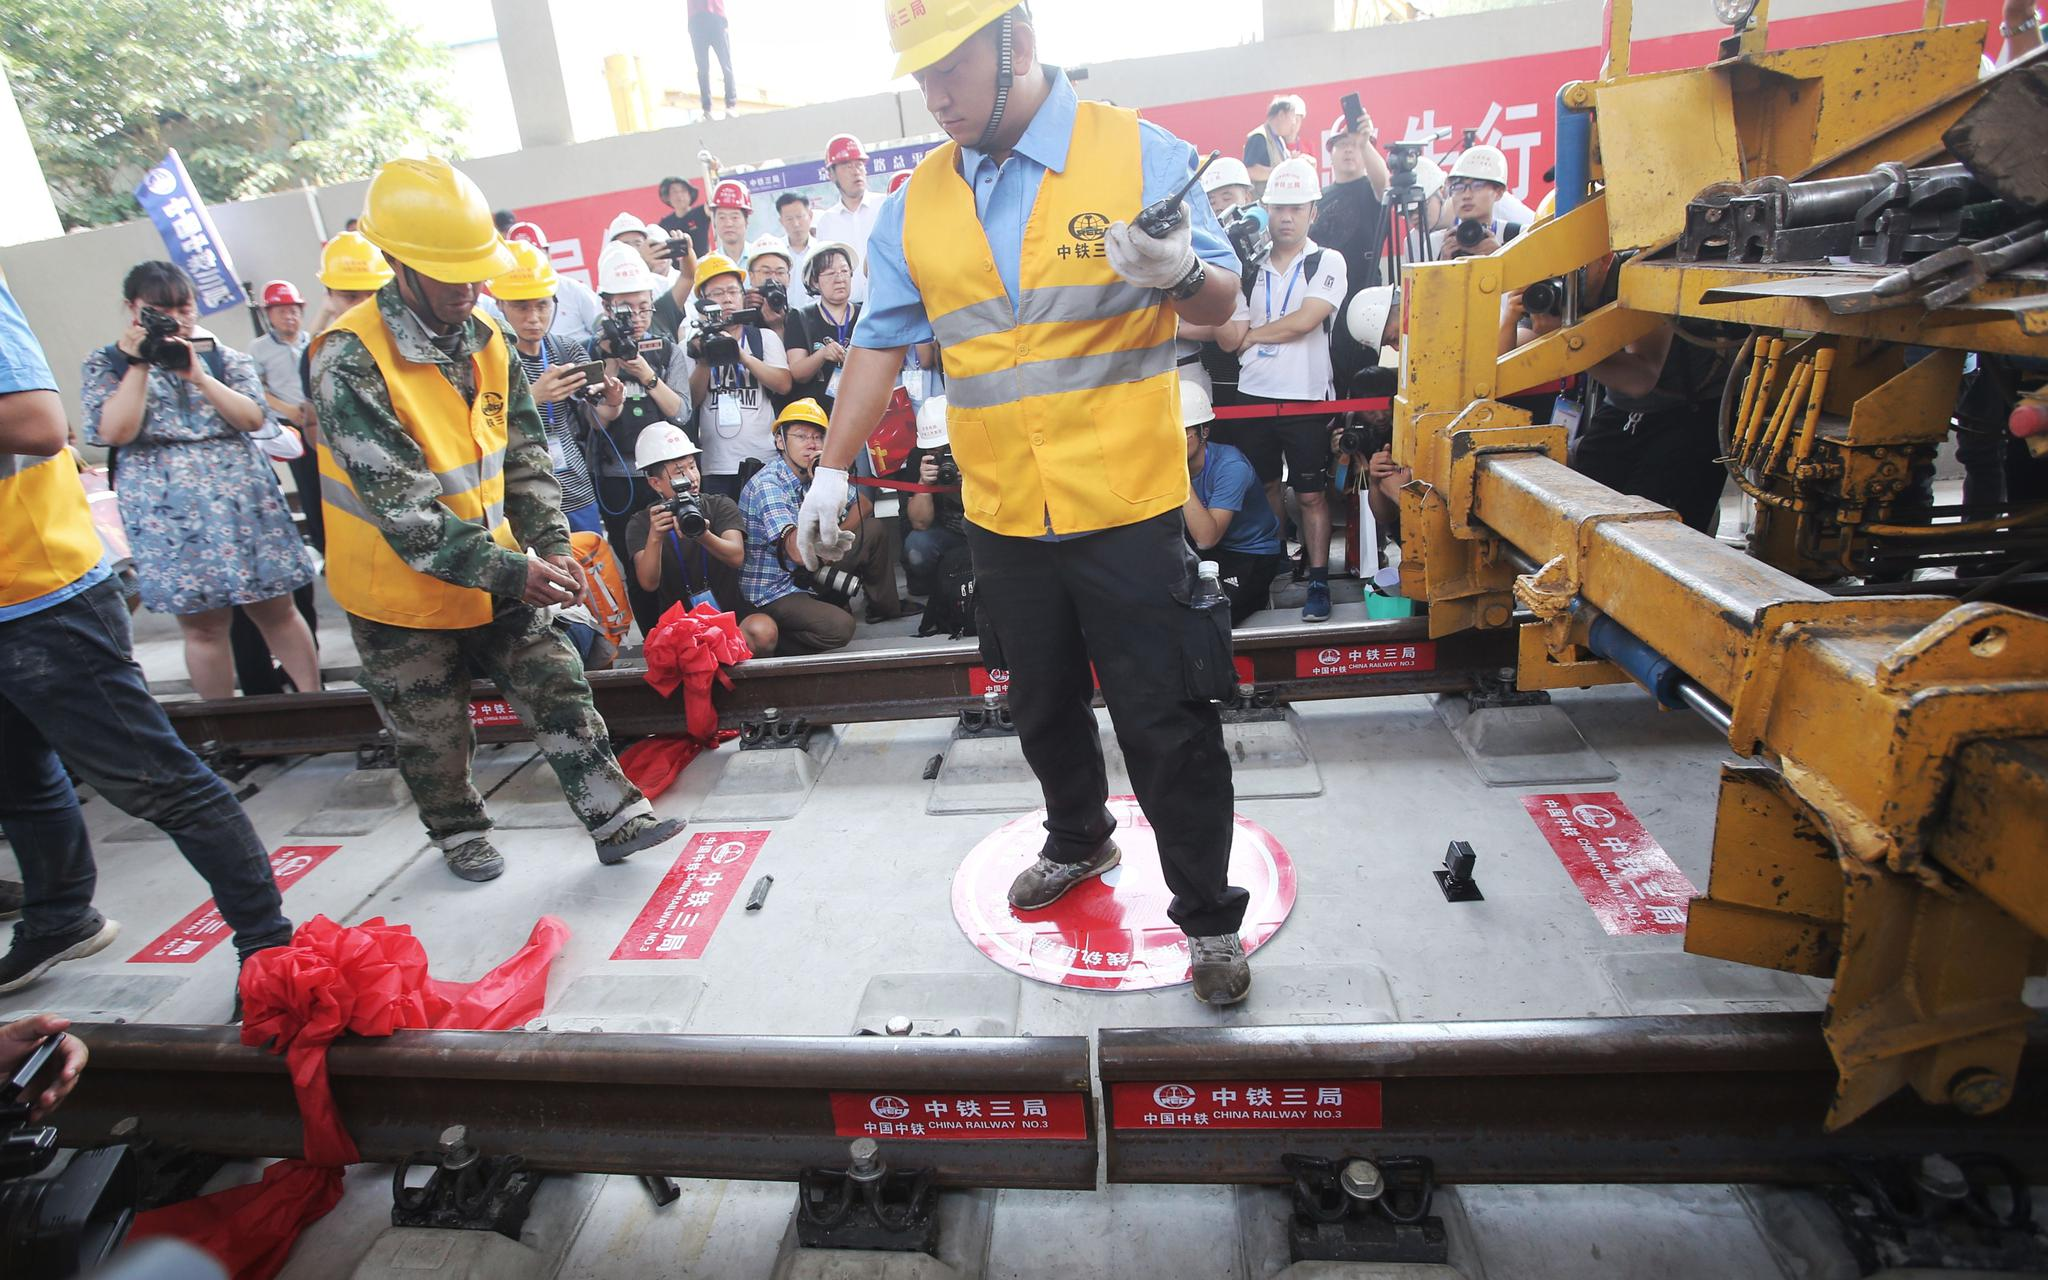 今年6月12日,京张高铁清华园隧道最后一组500米钢轨精准落位。摄影/新京报记者 王贵彬